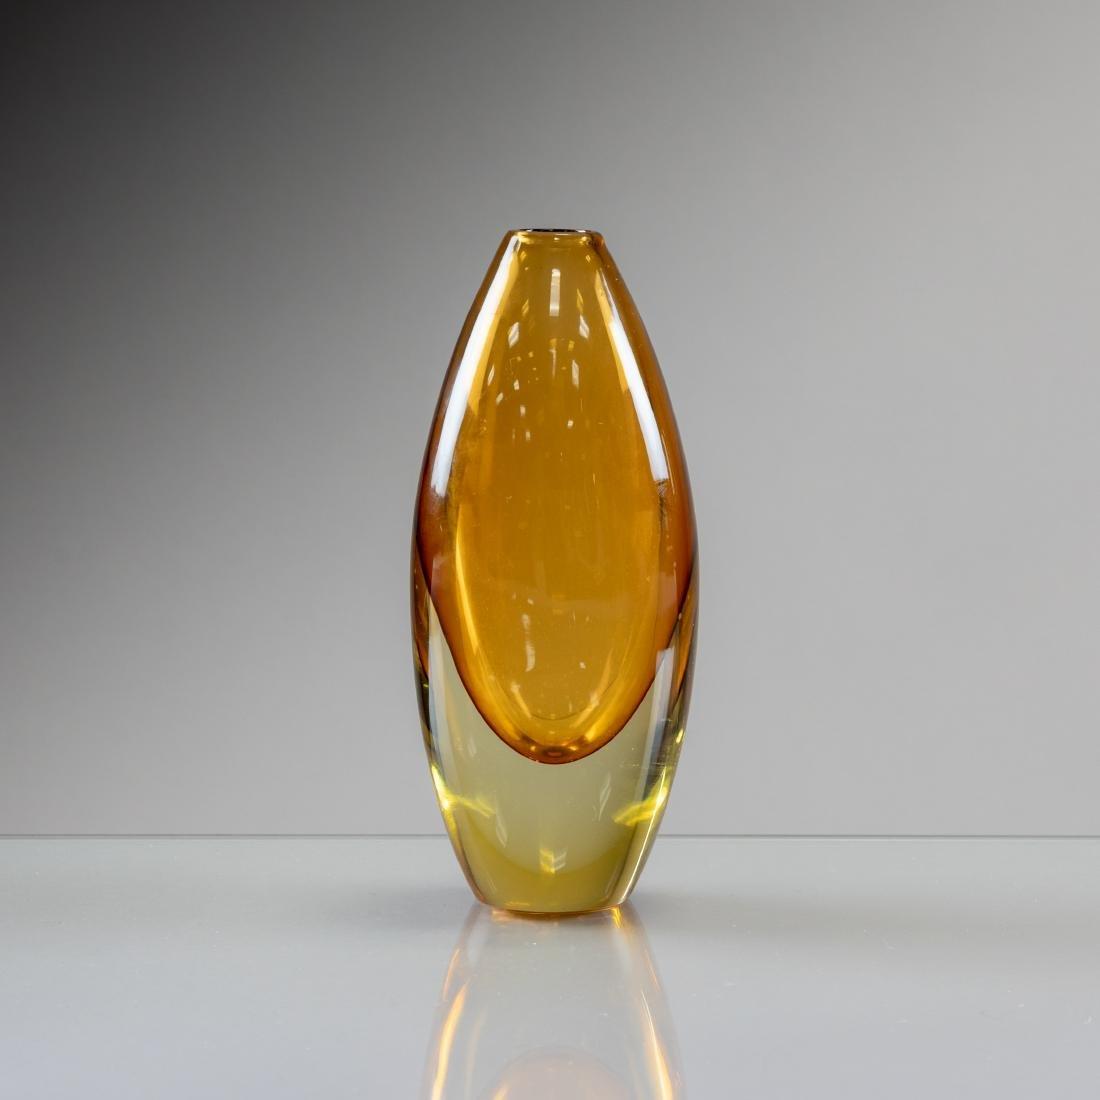 Luciano Gaspari - Salviati - Vase